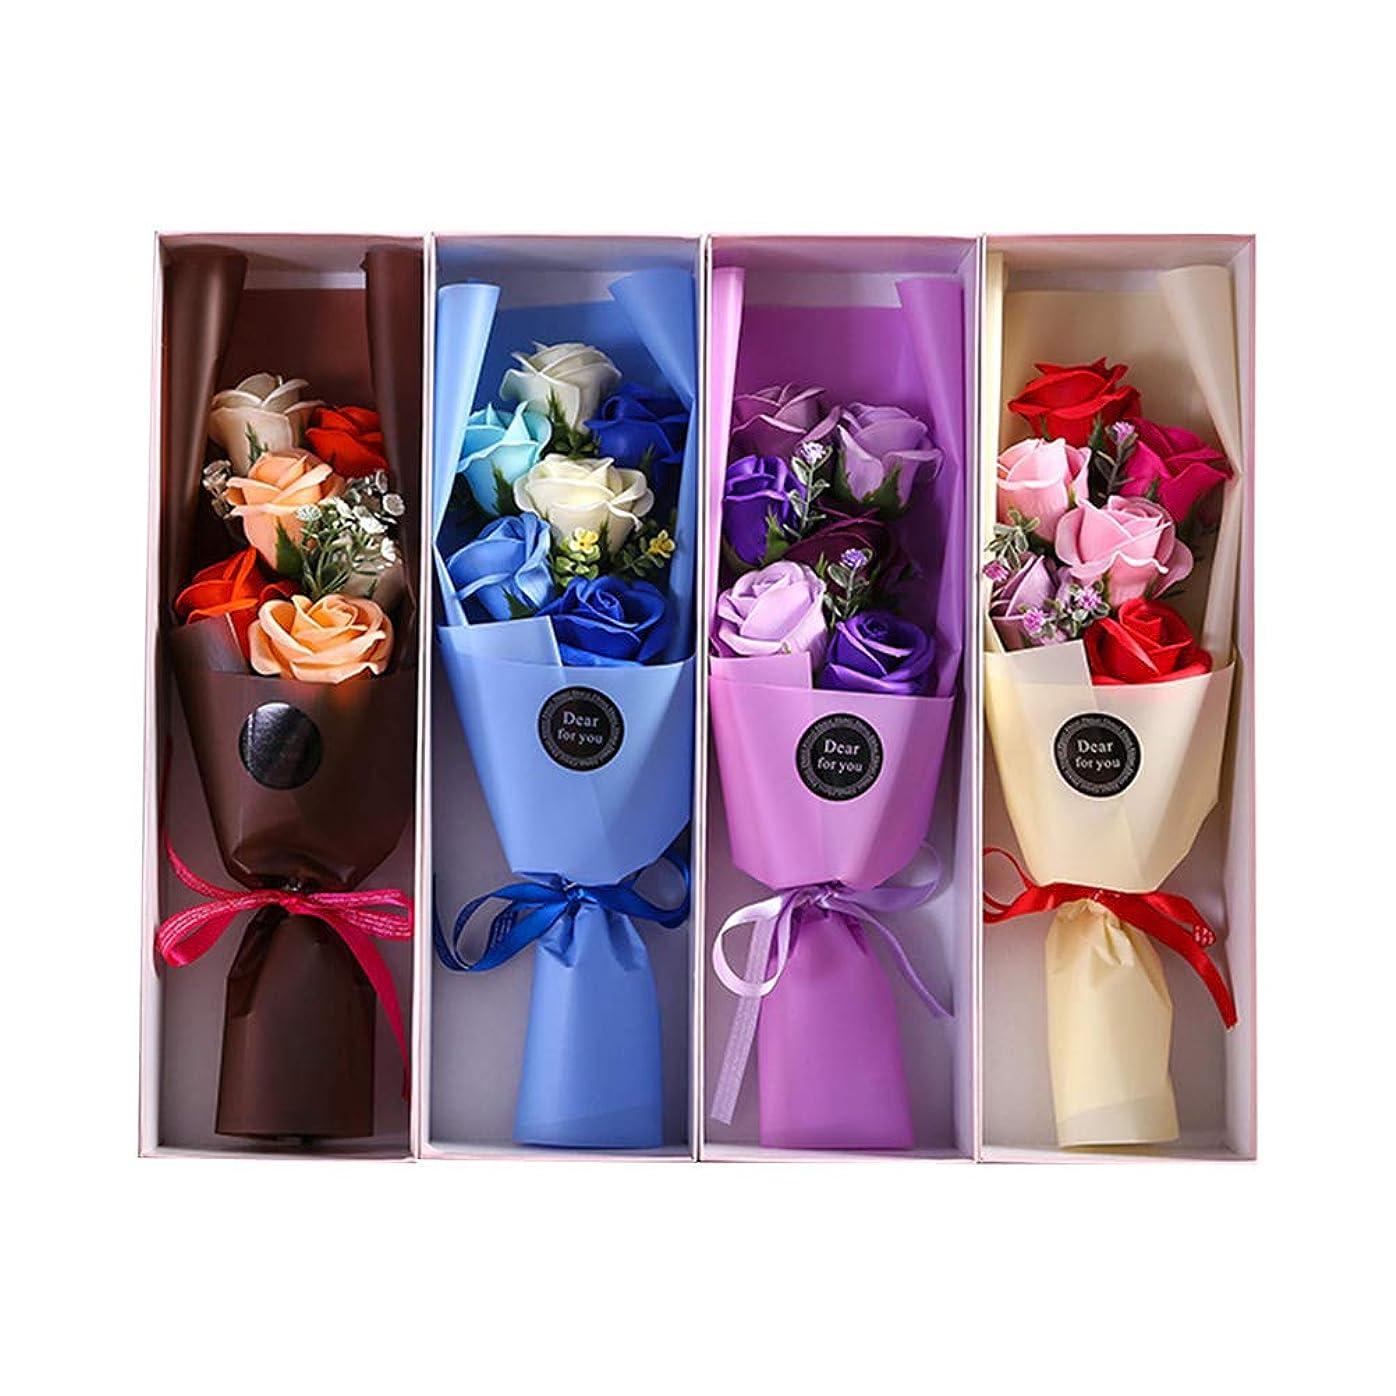 鏡第三混乱させるBESTOYARD 6PCS石鹸の花びら人工石鹸の花のバラのギフトボックスカップルバレンタインデーのプレゼント(ランダムカラー)